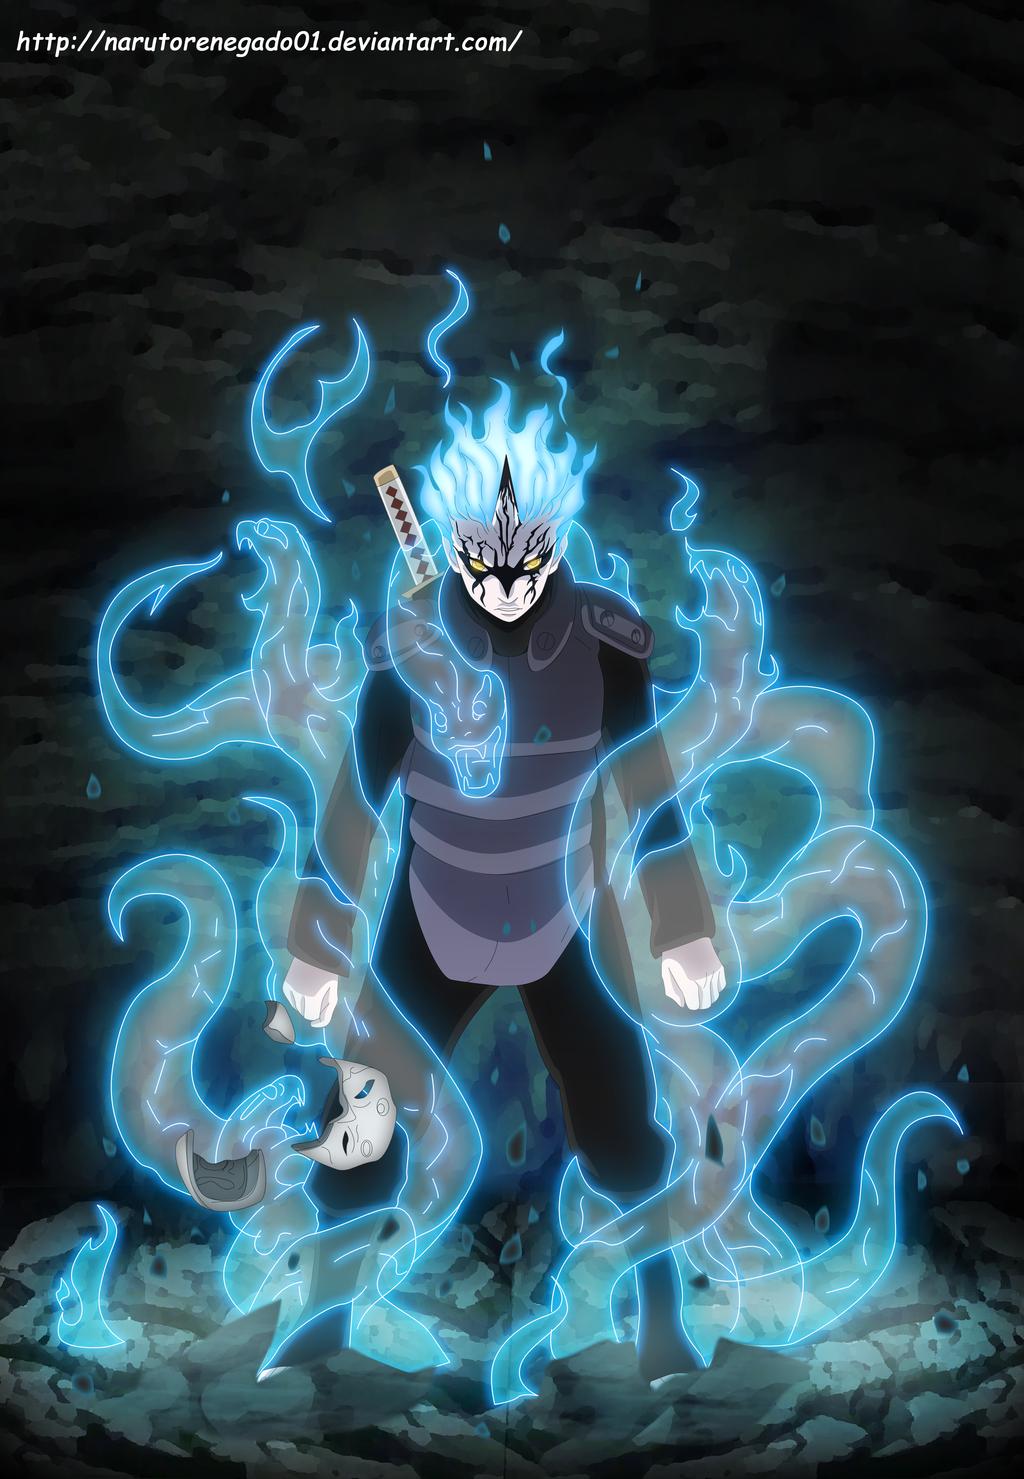 Naruto Side Story Mitsuki Sennin Mode by NarutoRenegado01.deviantart.com on @DeviantArt #Naruto #Mitsuki #Orochimaru